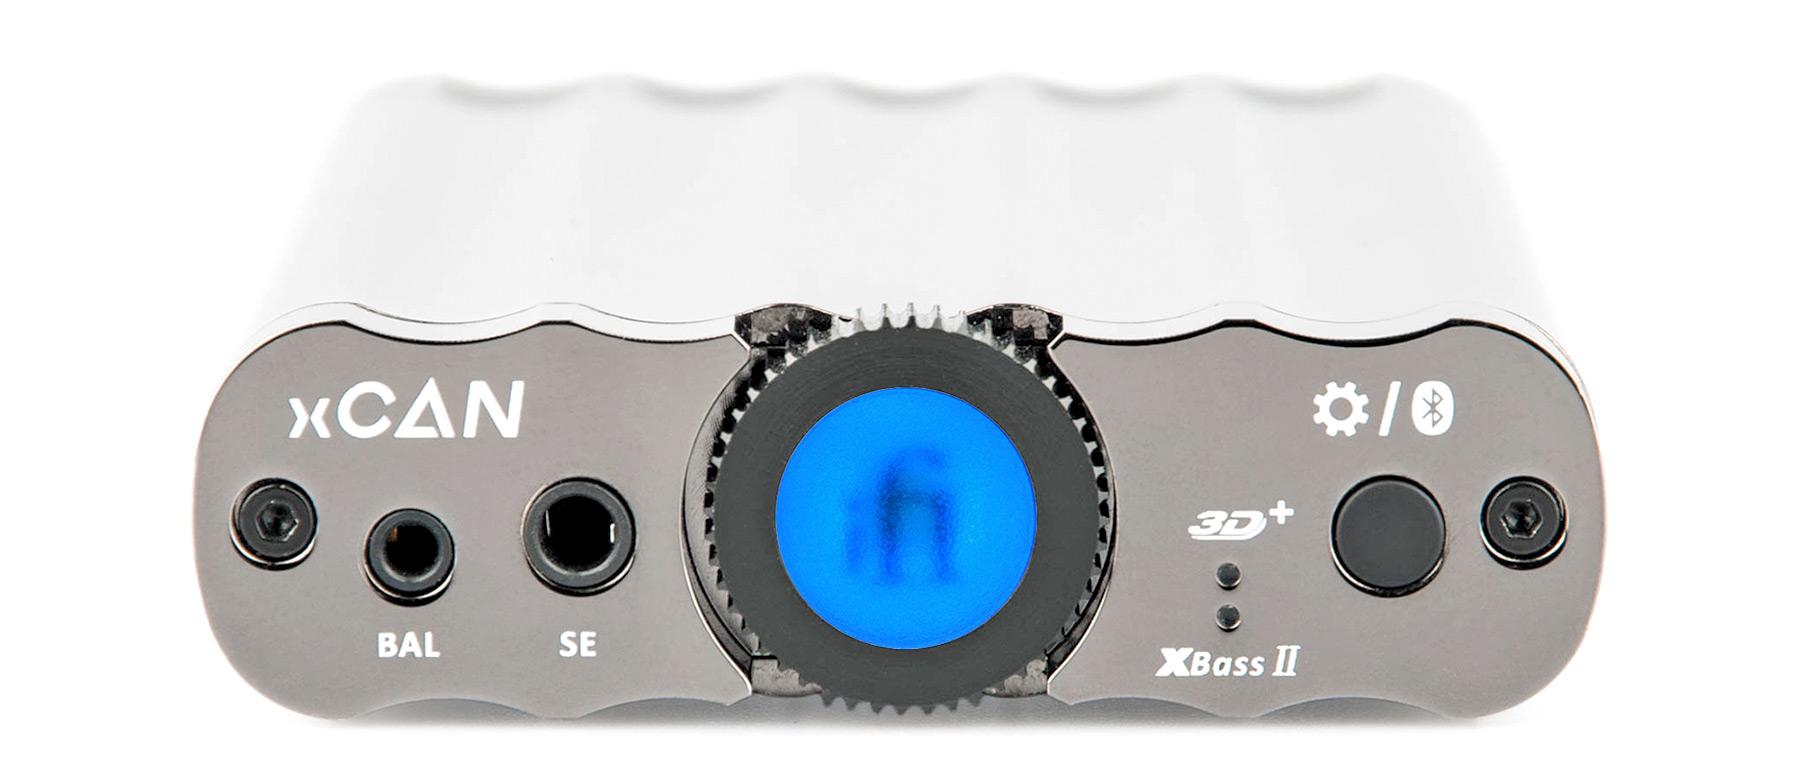 xCan-header-818.jpg